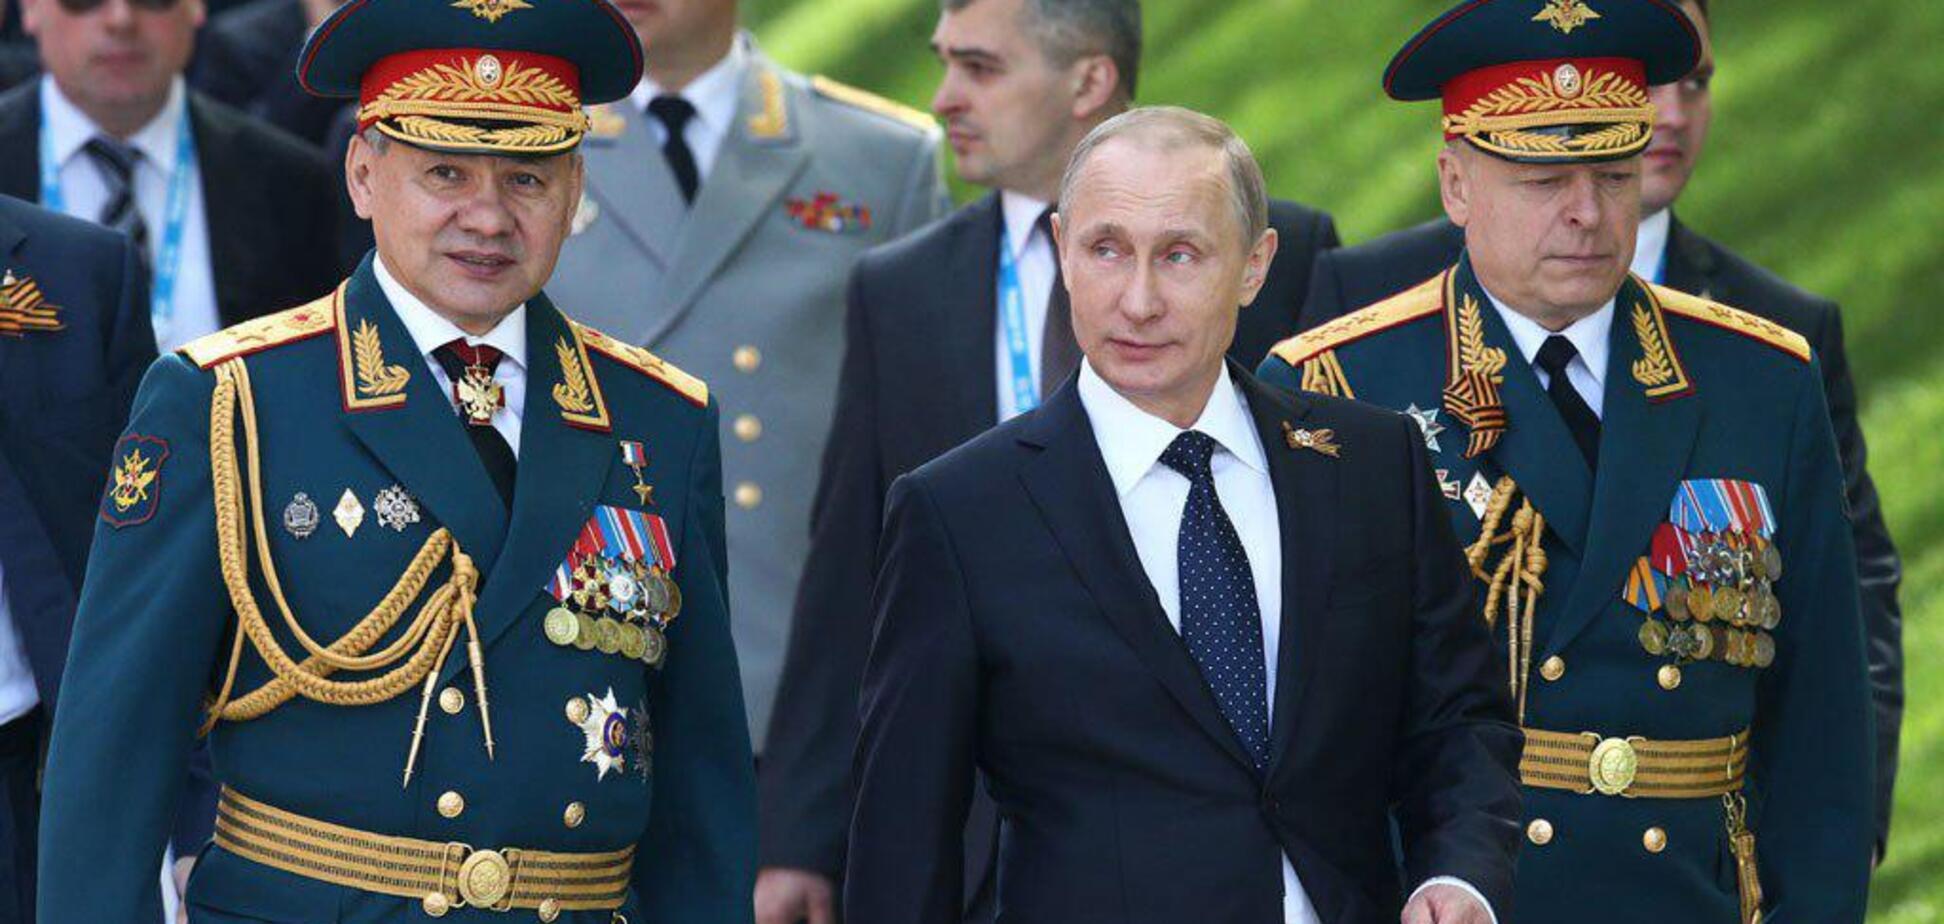 Россия готовит ''войну нового поколения'': озвучен детальный прогноз